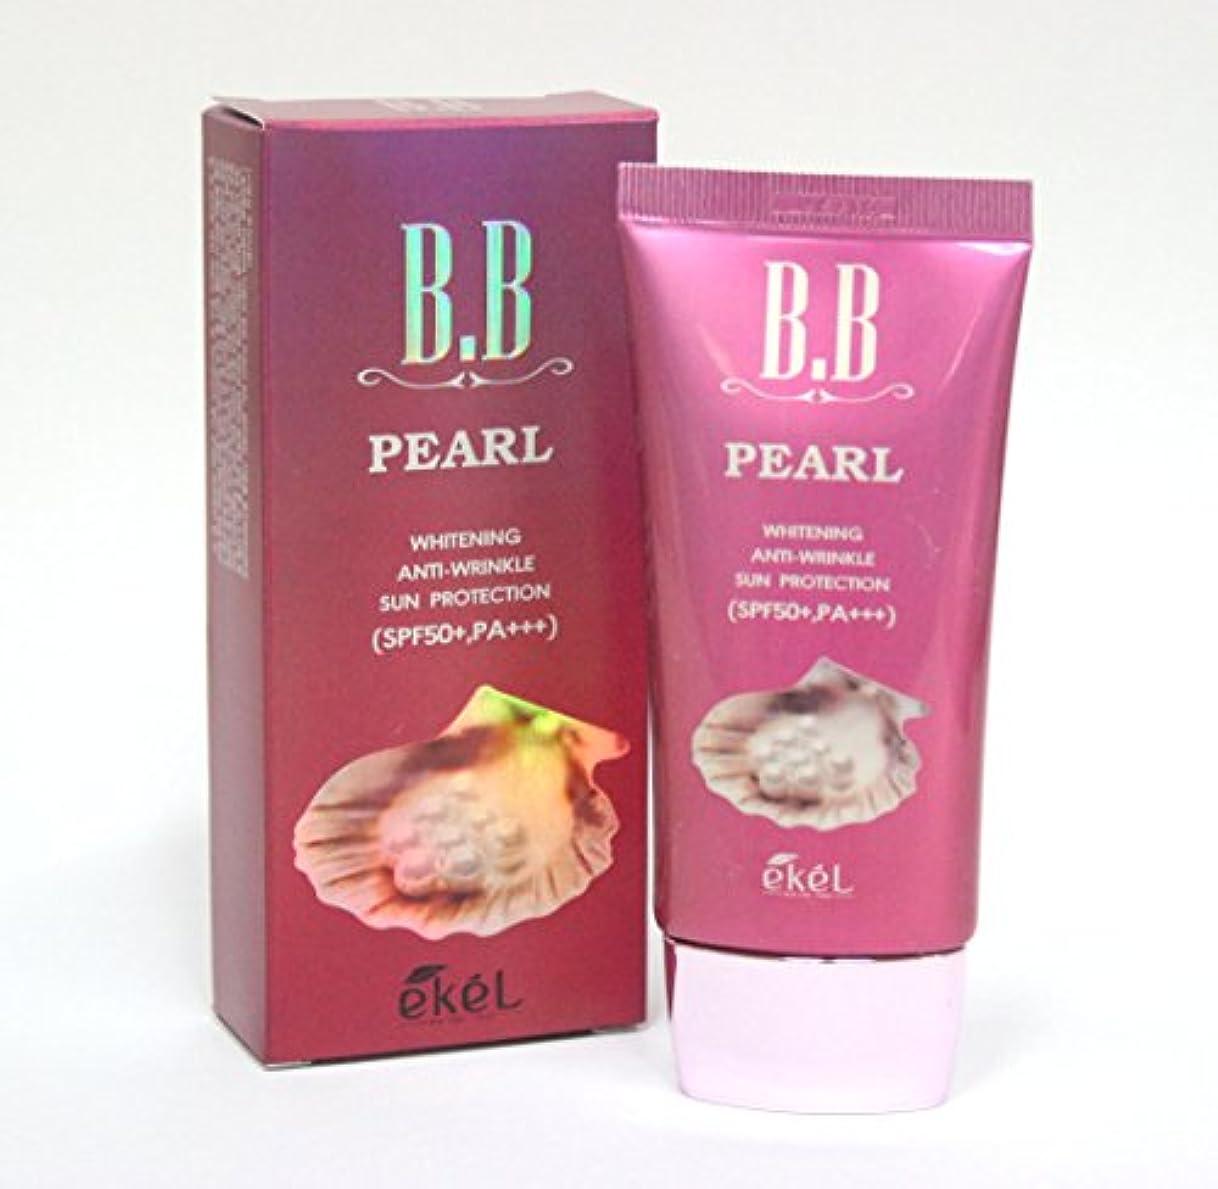 欠如変成器屋内[Ekel] パールBBクリーム50ml / Pearl BB Cream 50ml / ホワイトニング、アンチリンクル、日焼け防止SPF50 + PA +++ / Whitening, Anti-wrinkle, Sun...